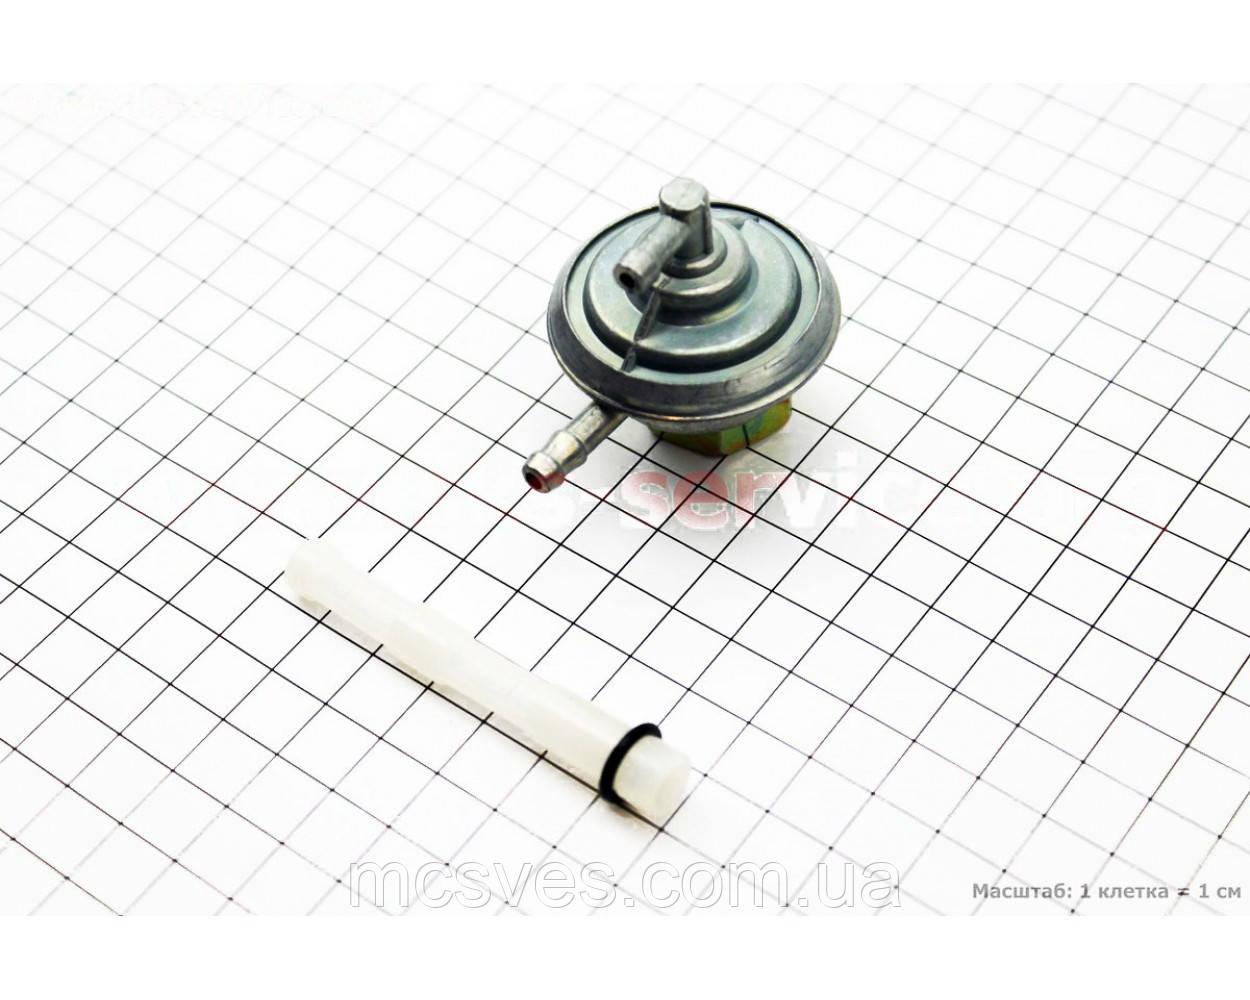 (GX-Viper) Вакуумный насос под бак, гайка большая GY6/DIO 1 / 2